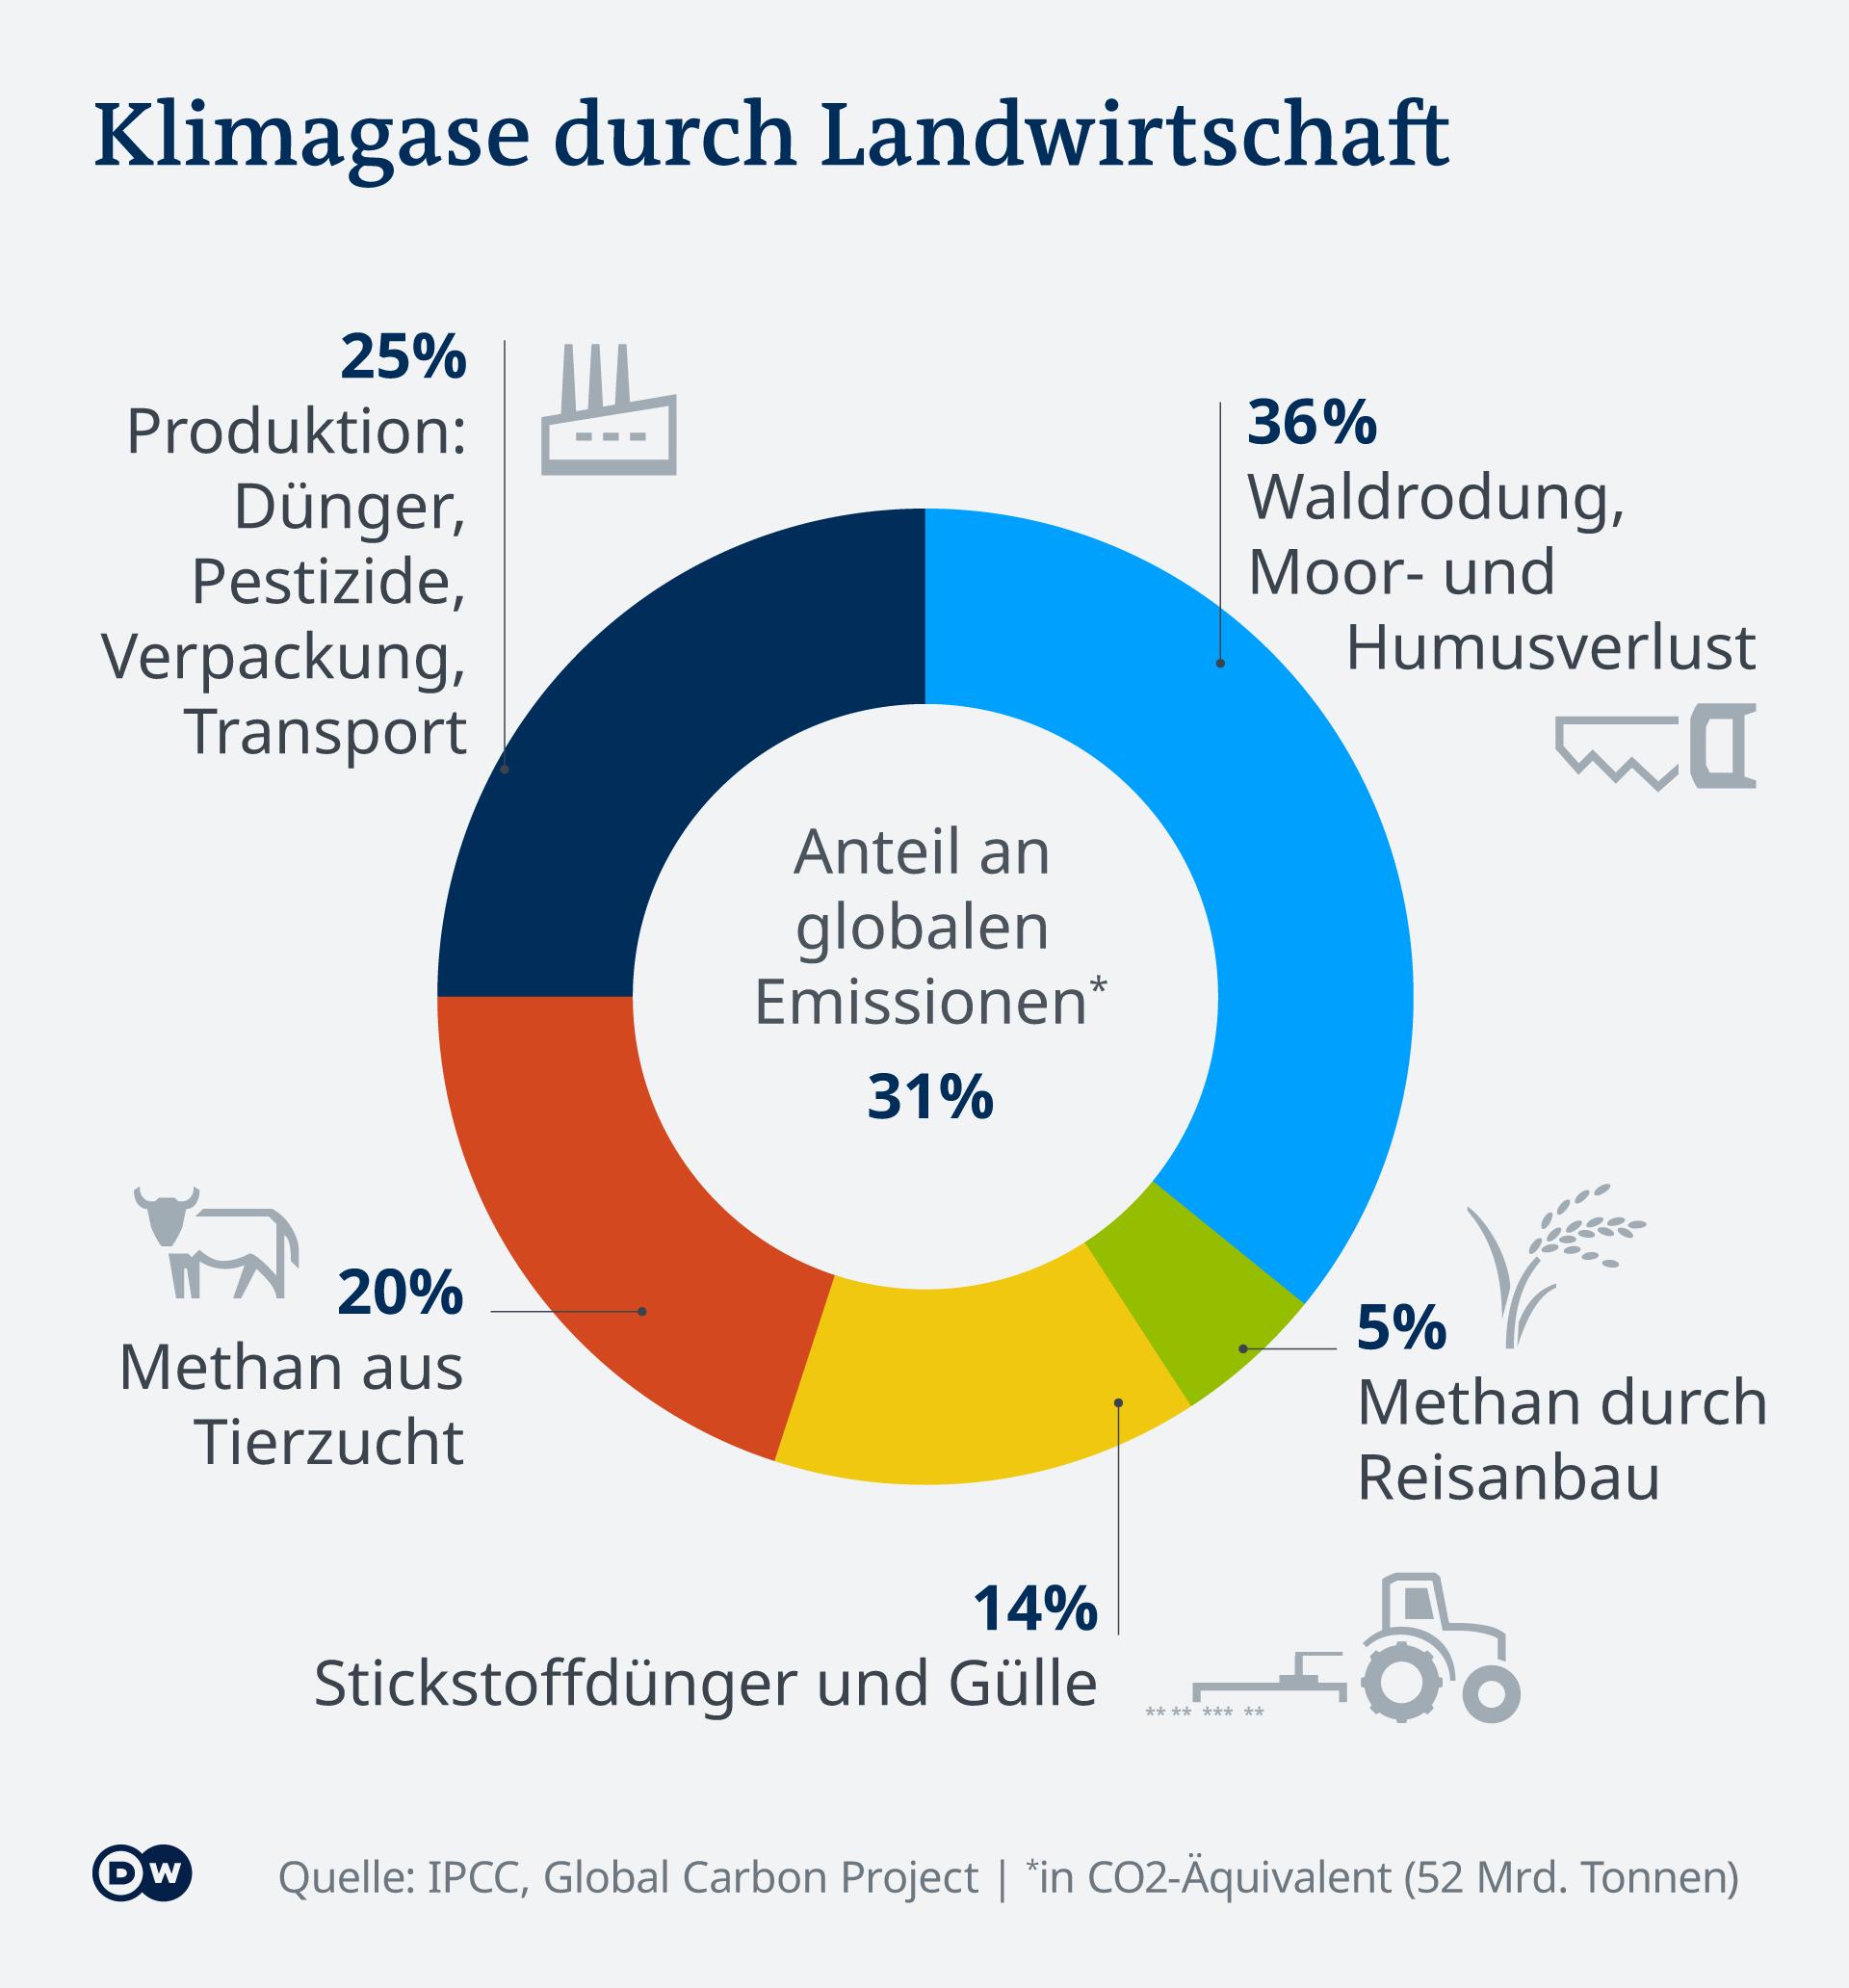 Infografik Klimagase durch Landwirtschaft, durch Landumwandlung, Verlust von Humus, Wäldern, Viehwirtschaft, Düngung und energieintensive synthetische Düngerproduktion